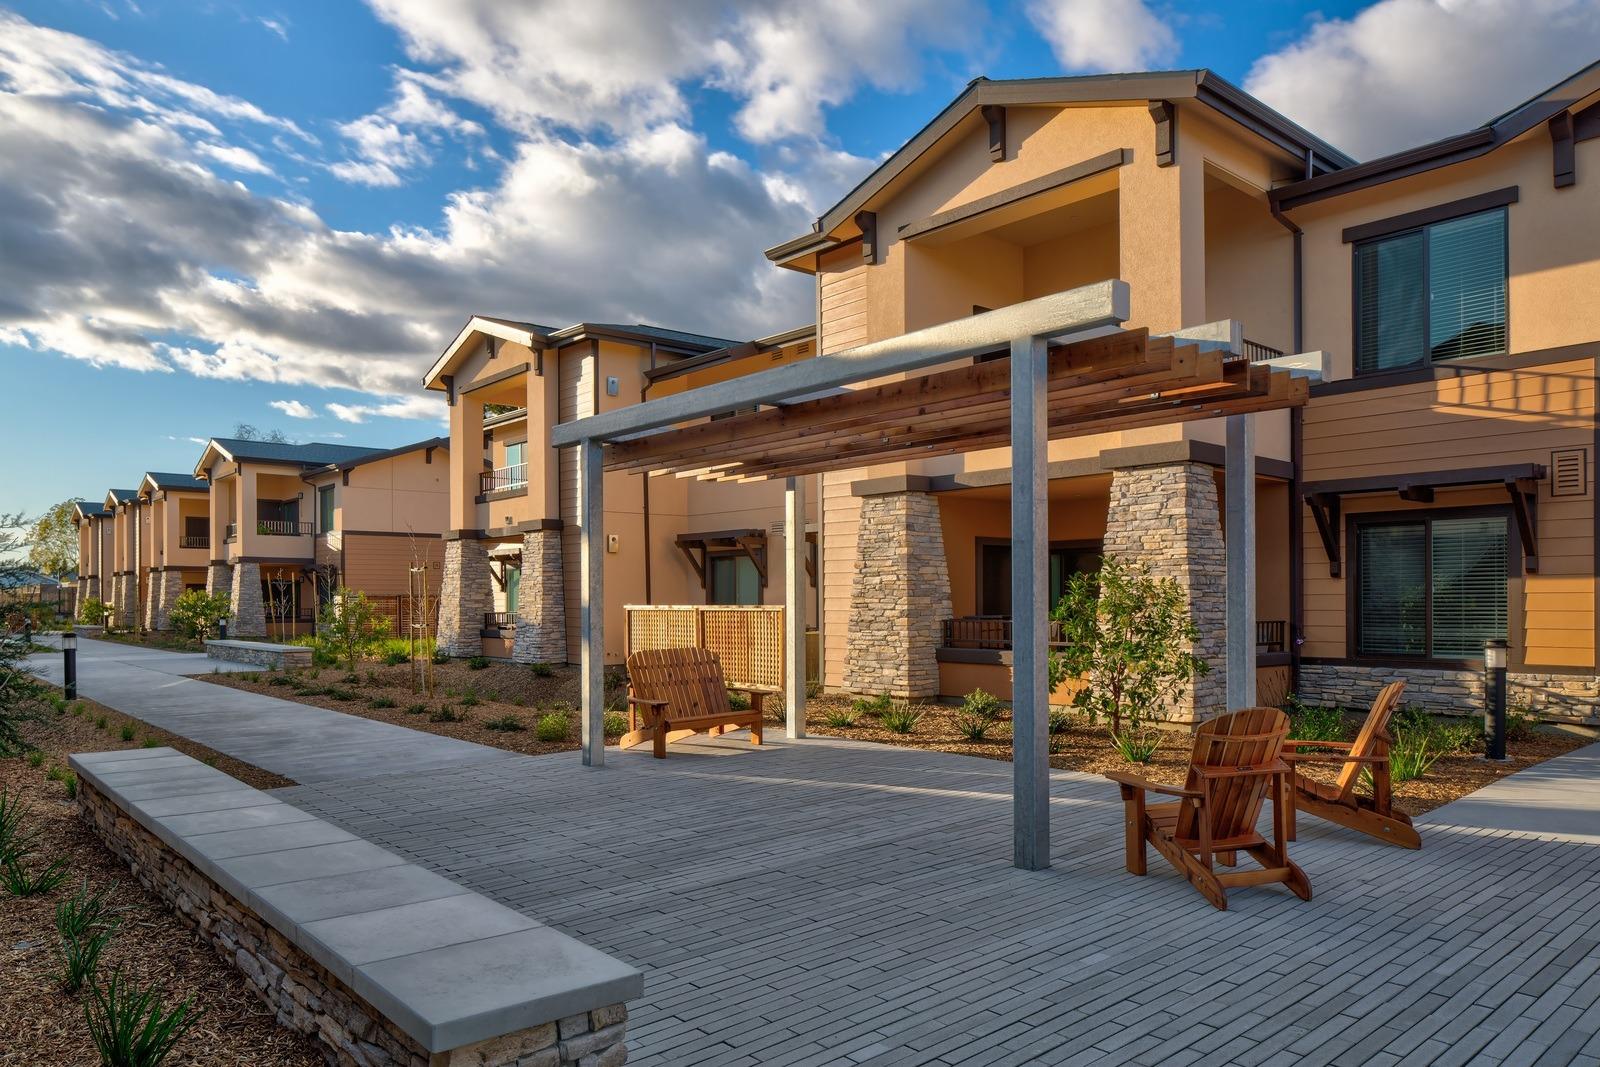 Hopper courtyard